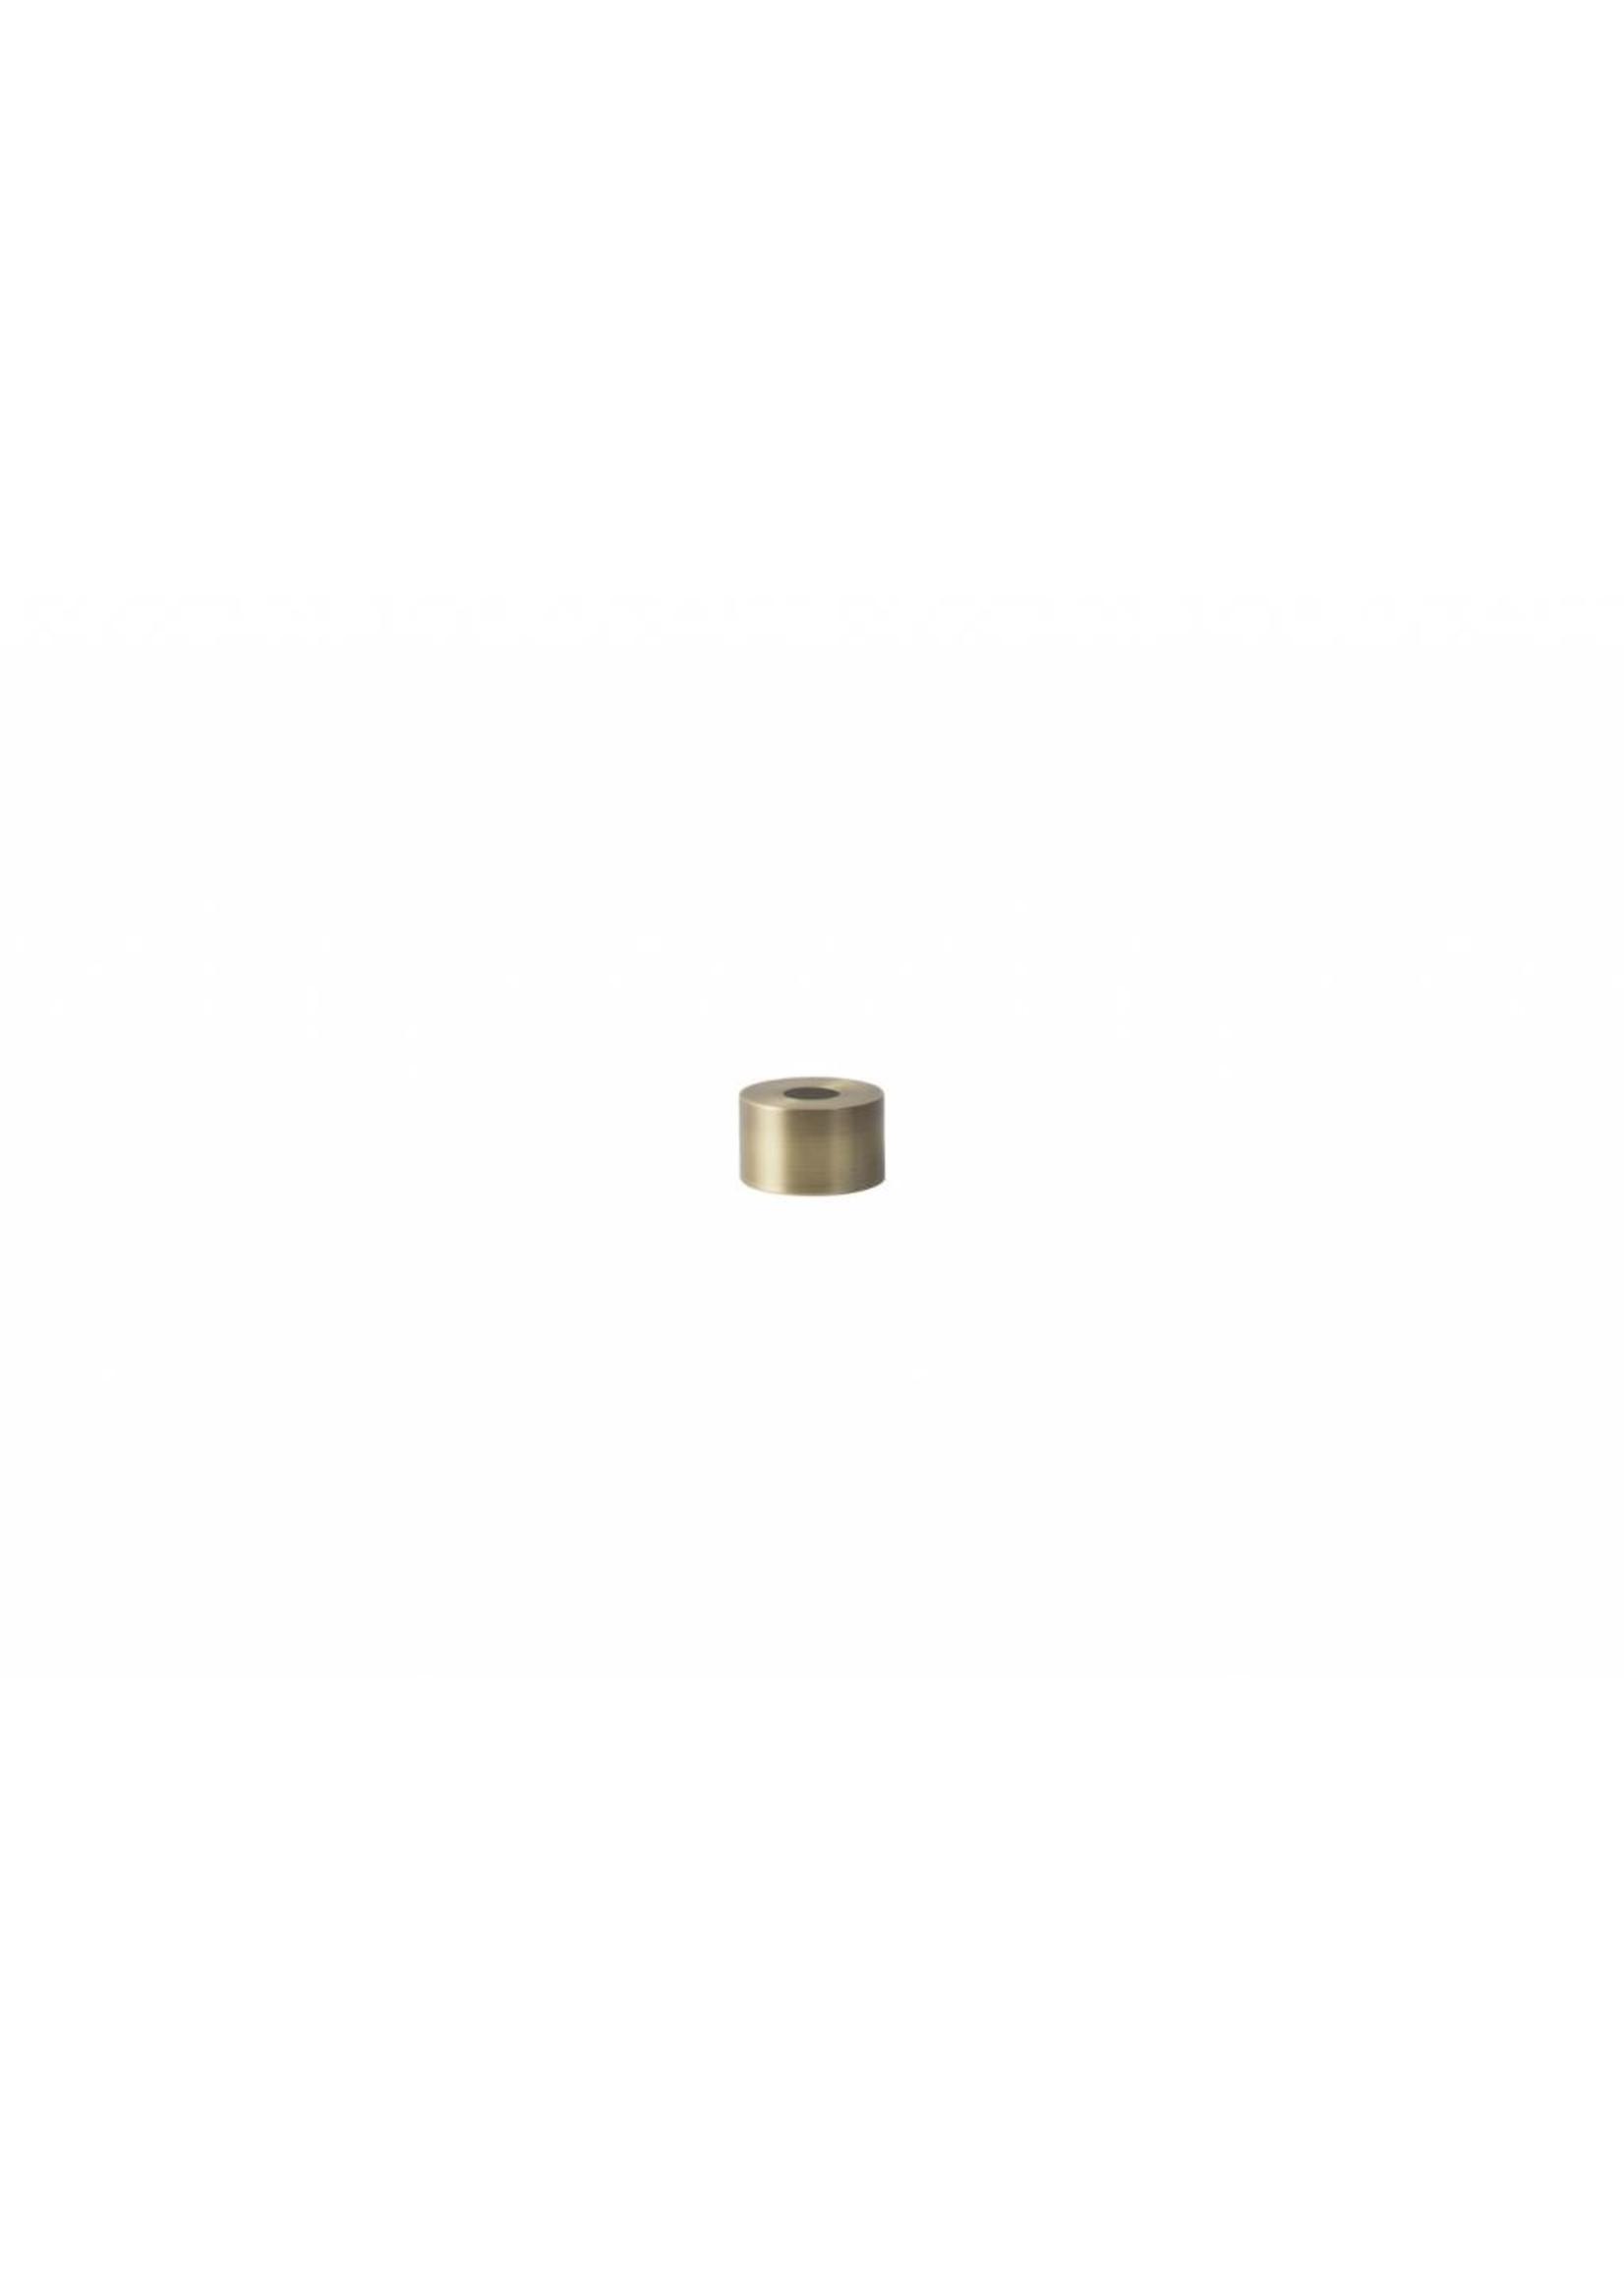 ferm LIVING ferm LIVING Lighting - Disc Shade - Brass